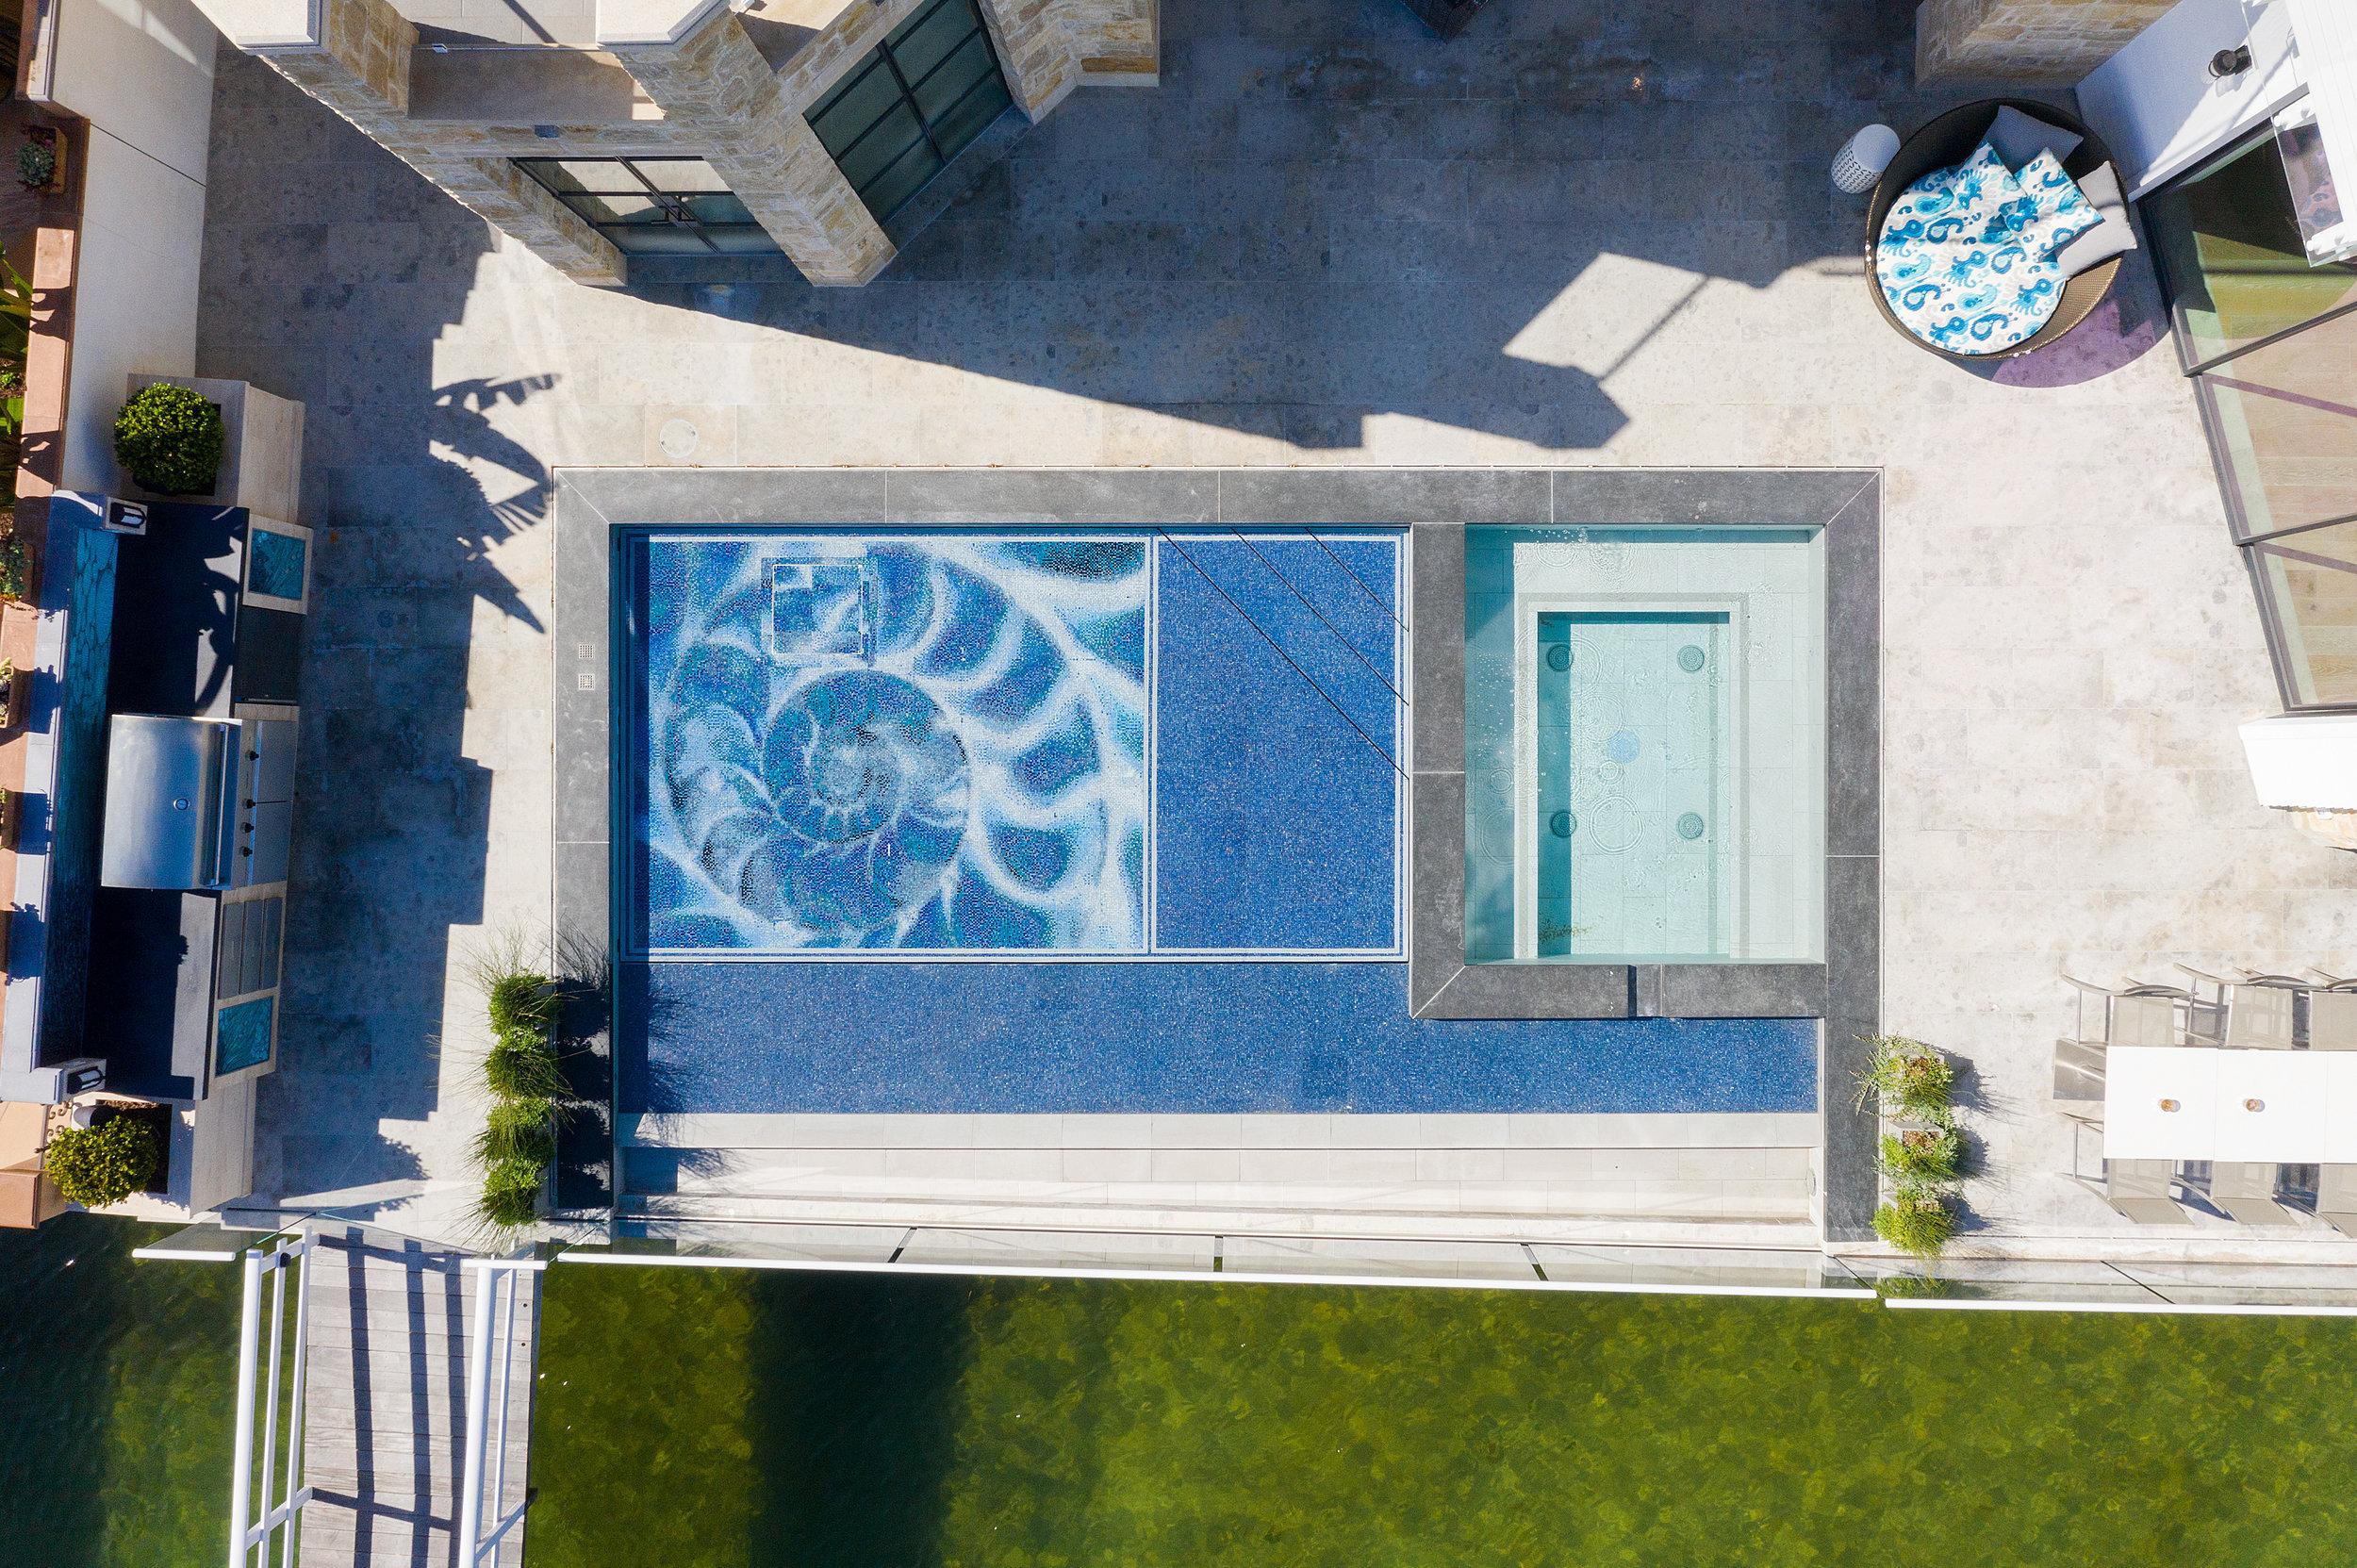 drone pool shot_Balboa__DJI_0317_1.jpg